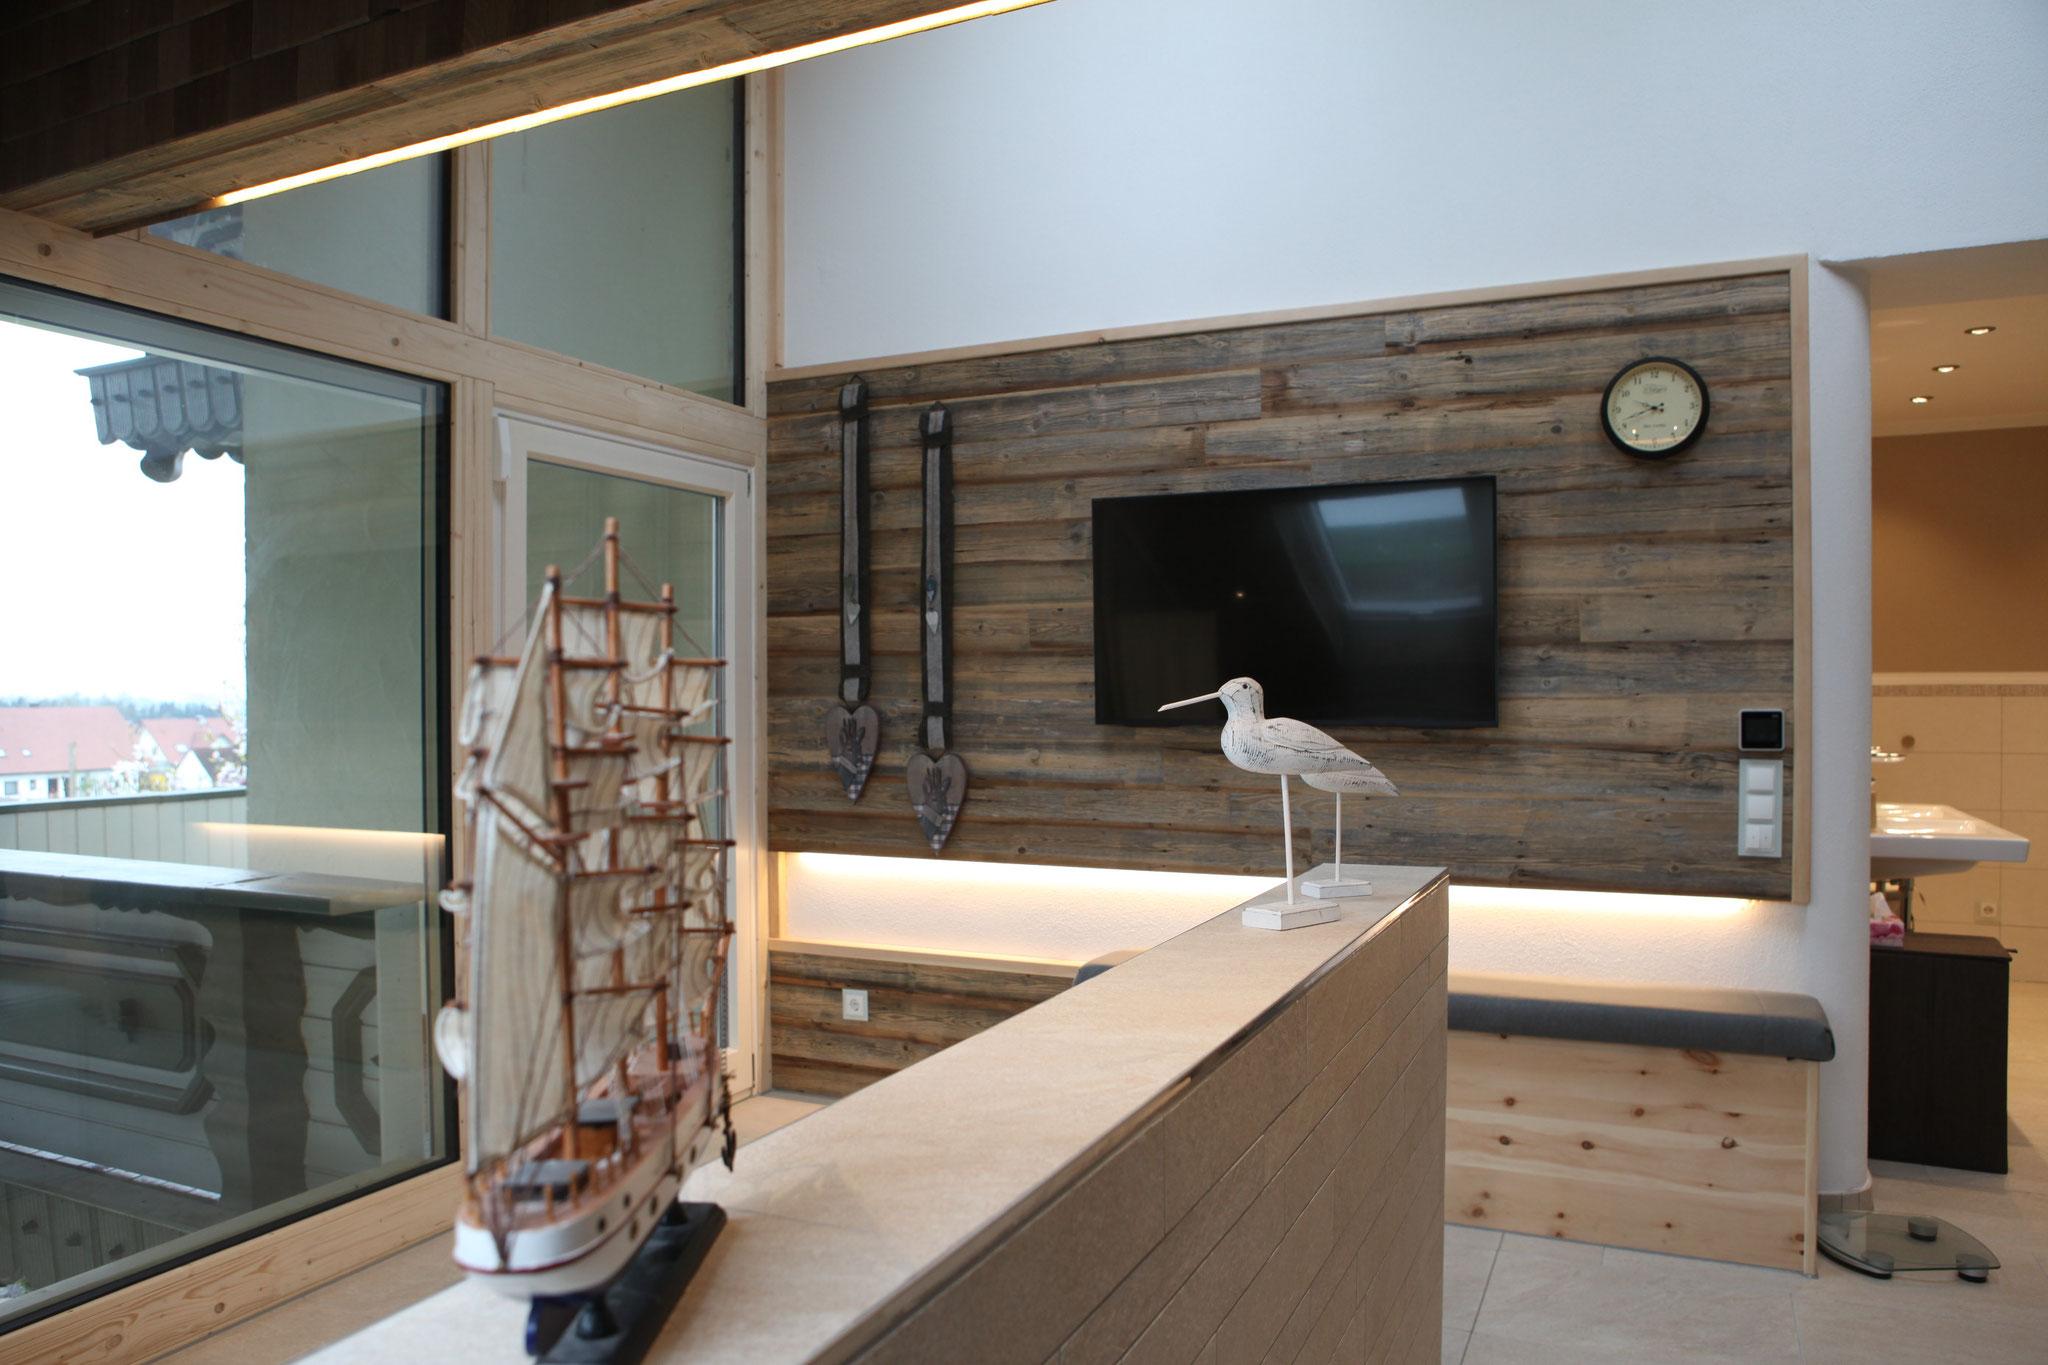 Fendt Holzgestaltung Altholz Wandverkleidung